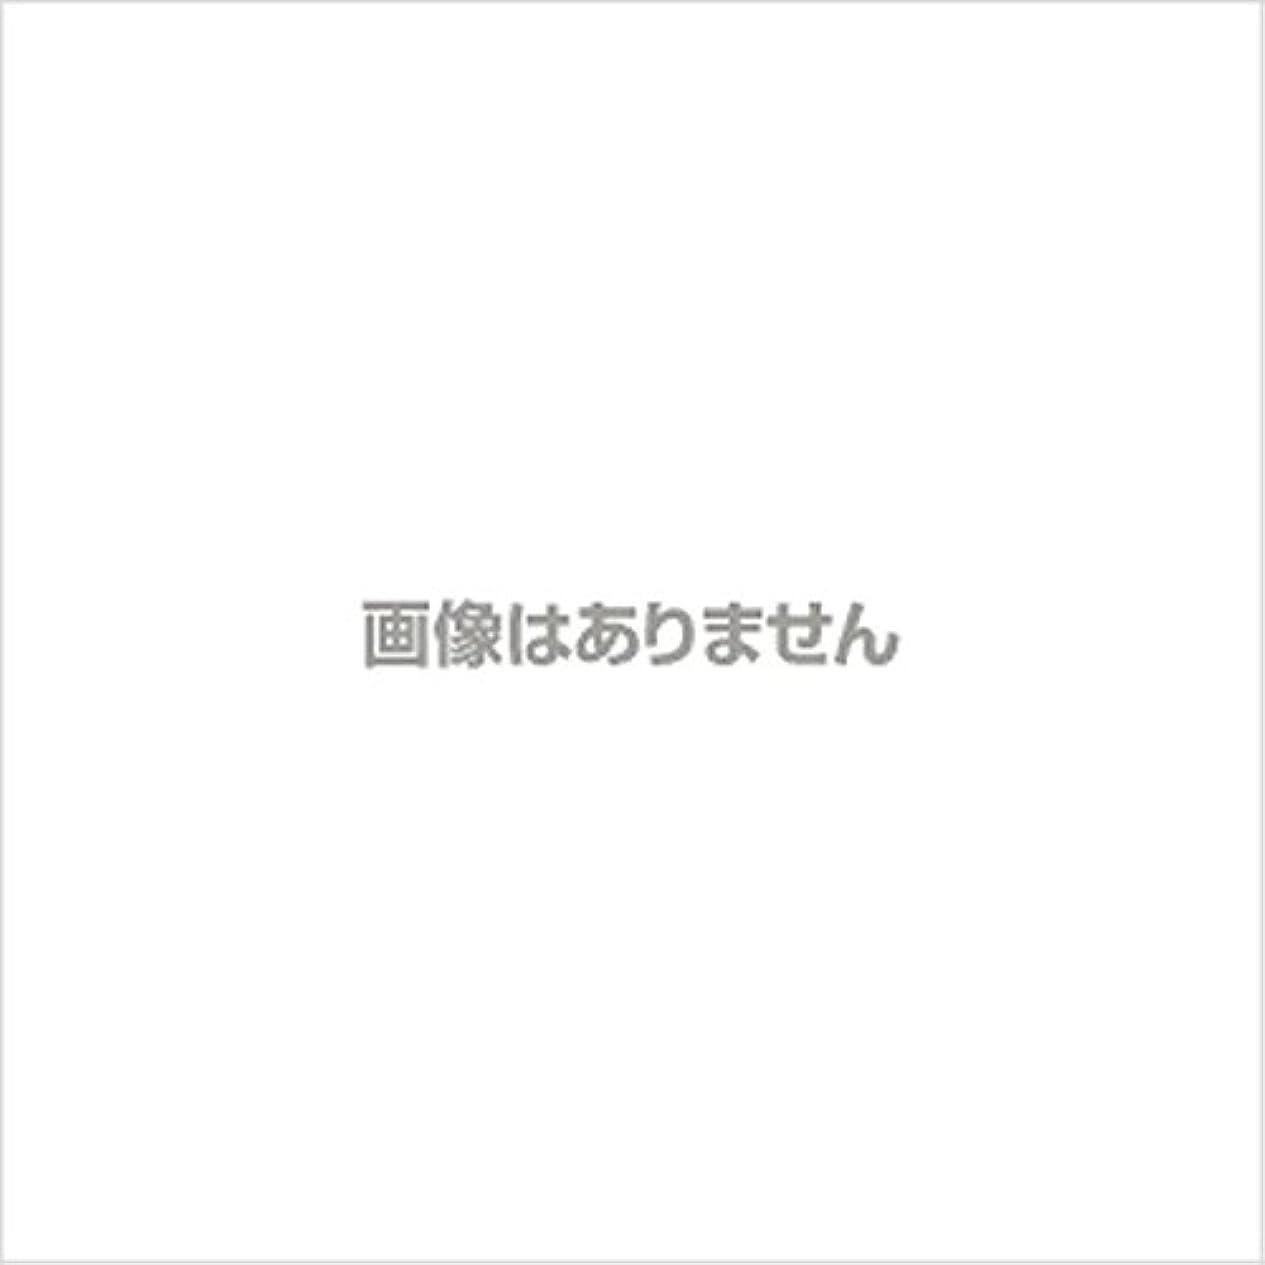 キリスト精通した嫉妬白十字 FC ポリ手袋 6枚入